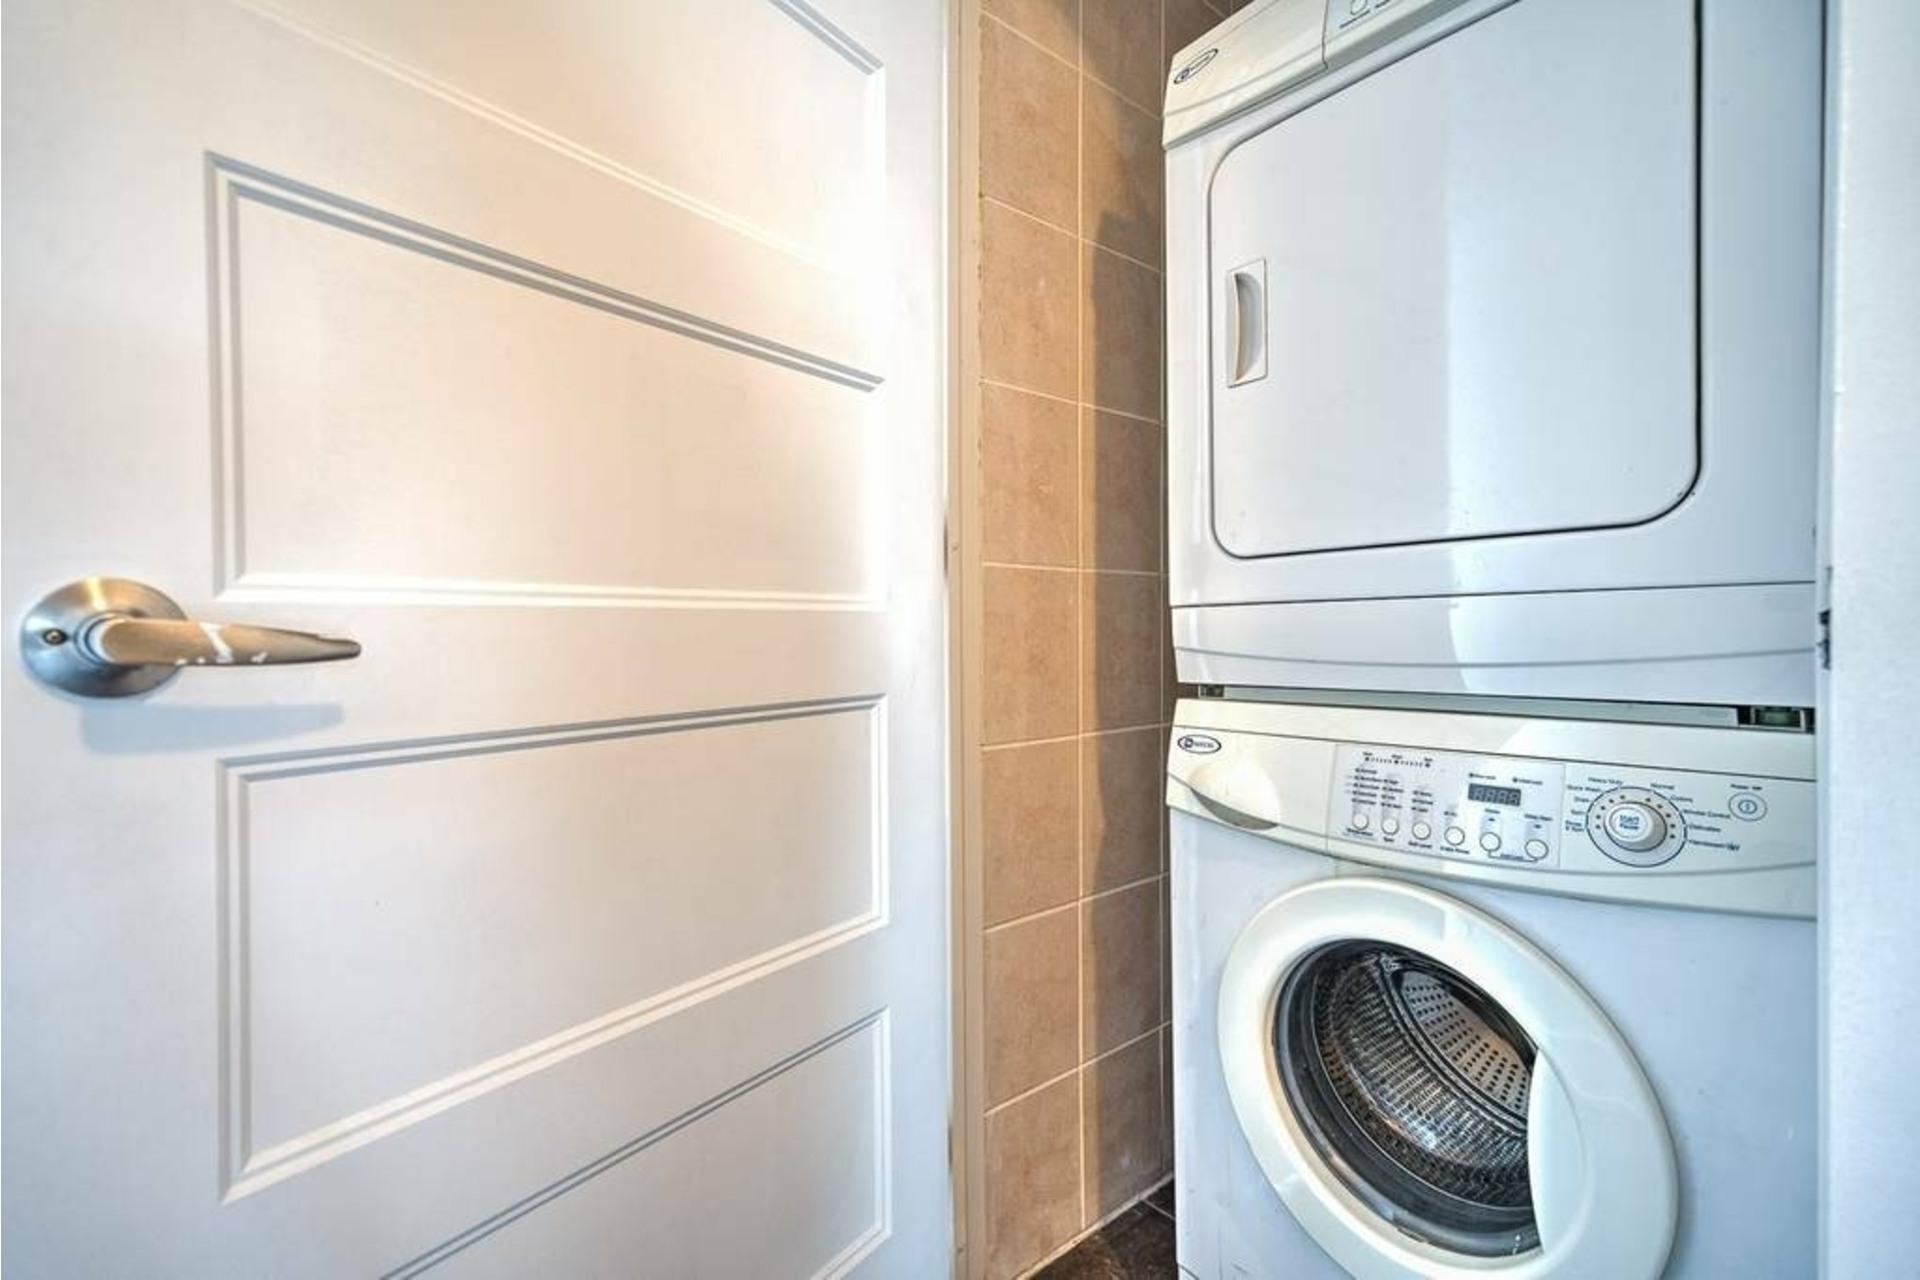 image 8 - Appartement À louer Côte-des-Neiges/Notre-Dame-de-Grâce Montréal  - 4 pièces